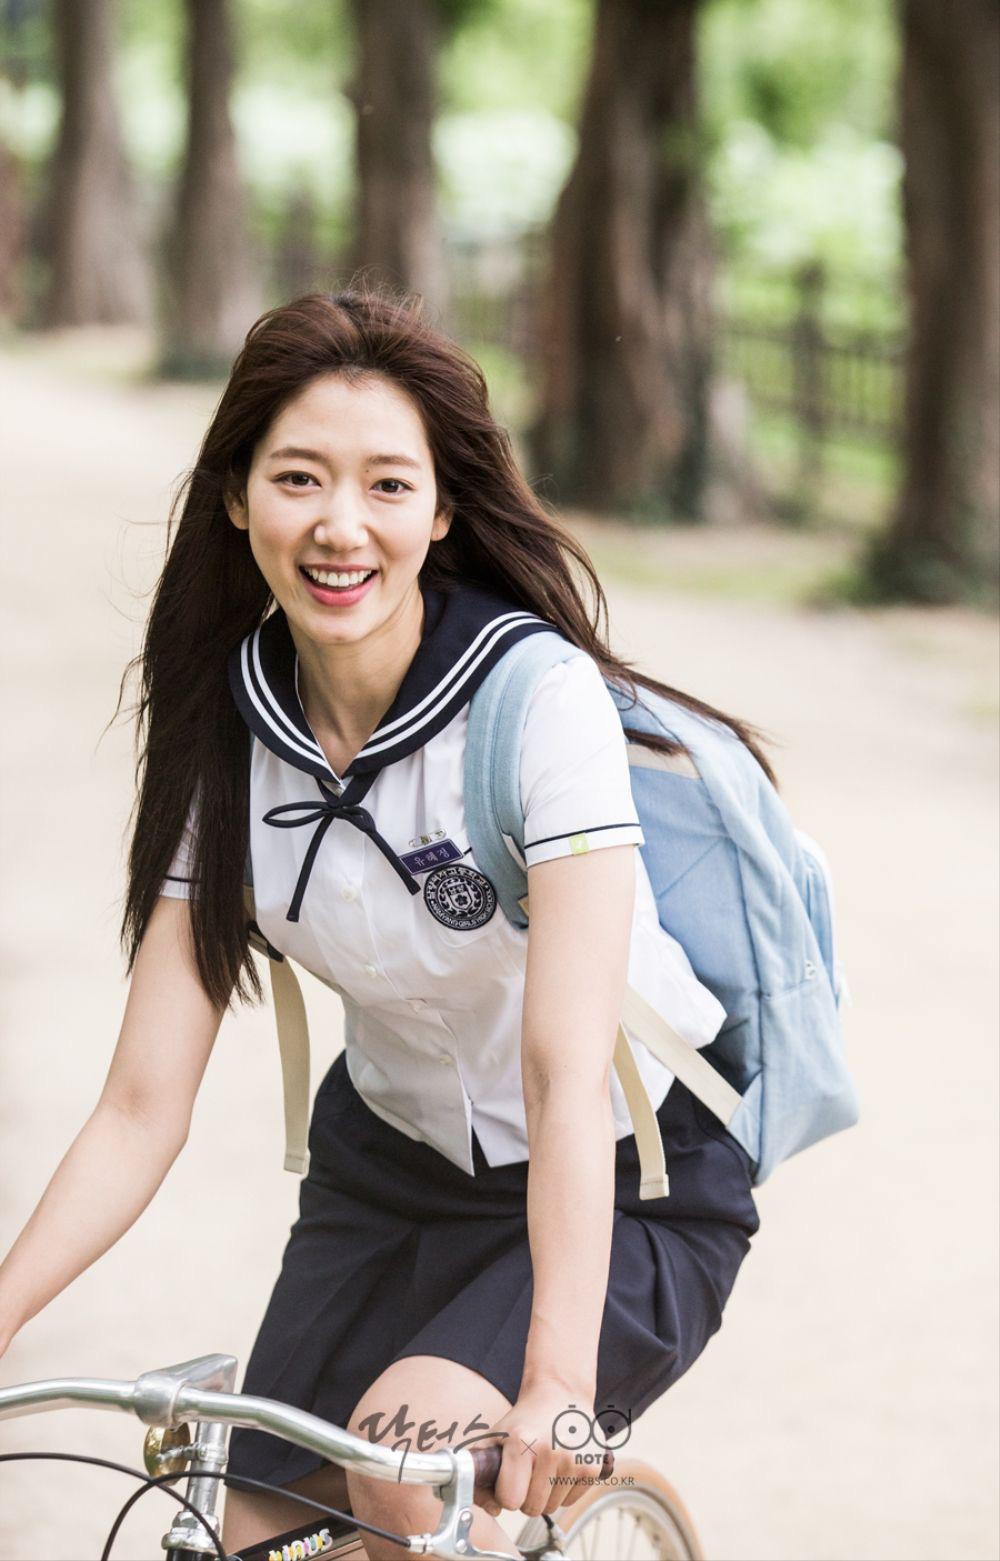 5 màn cưa sừng làm nghé xuất sắc nhất phim Hàn, Park Seo Joon trẻ trung đấy nhưng chưa bằng chị đại này - Ảnh 9.